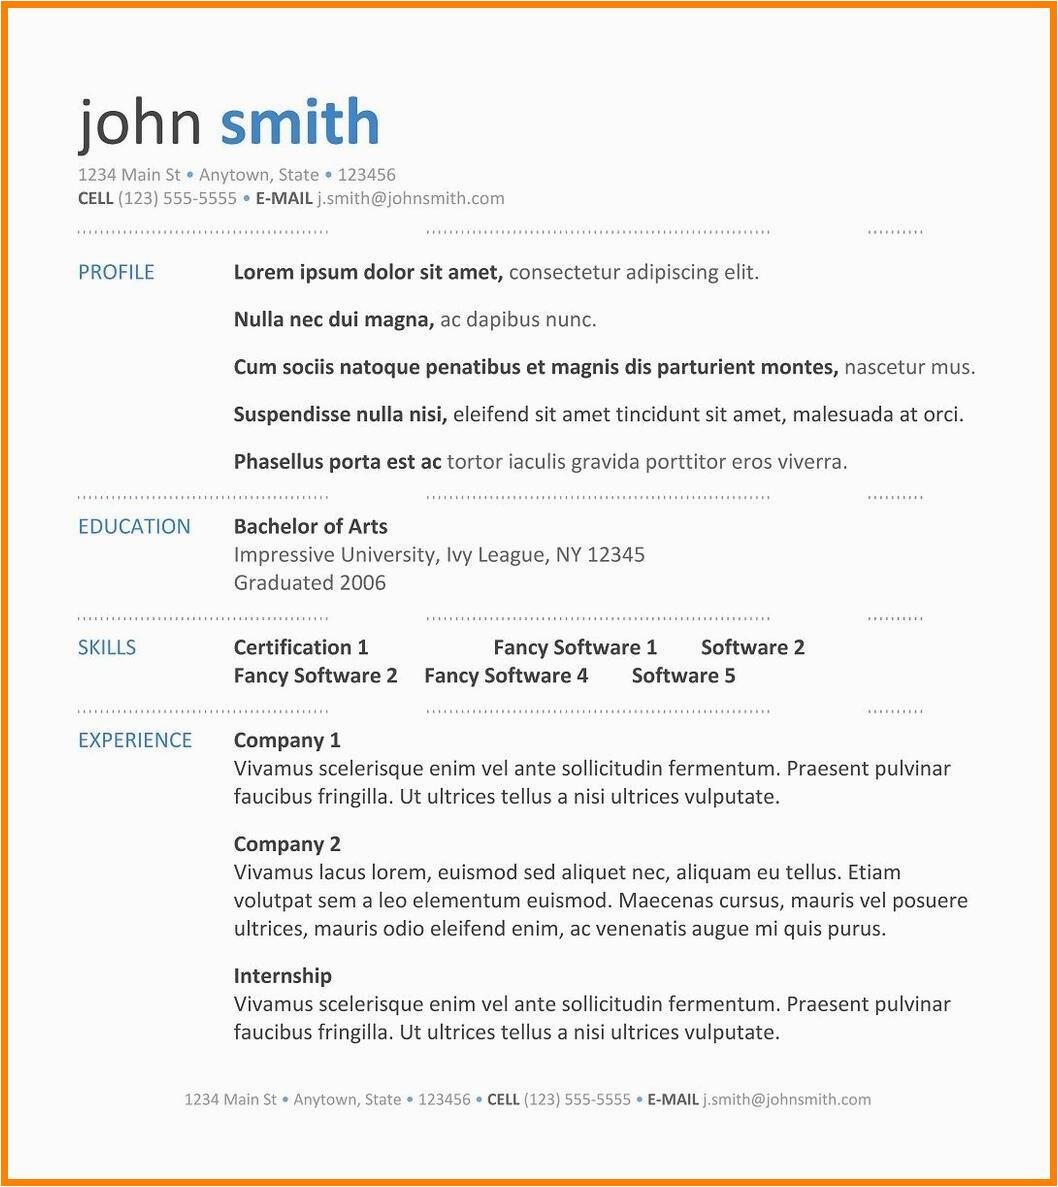 Sample Resume format for Freshers Free Download Best Free Resume Templates Download for Freshers Sample C